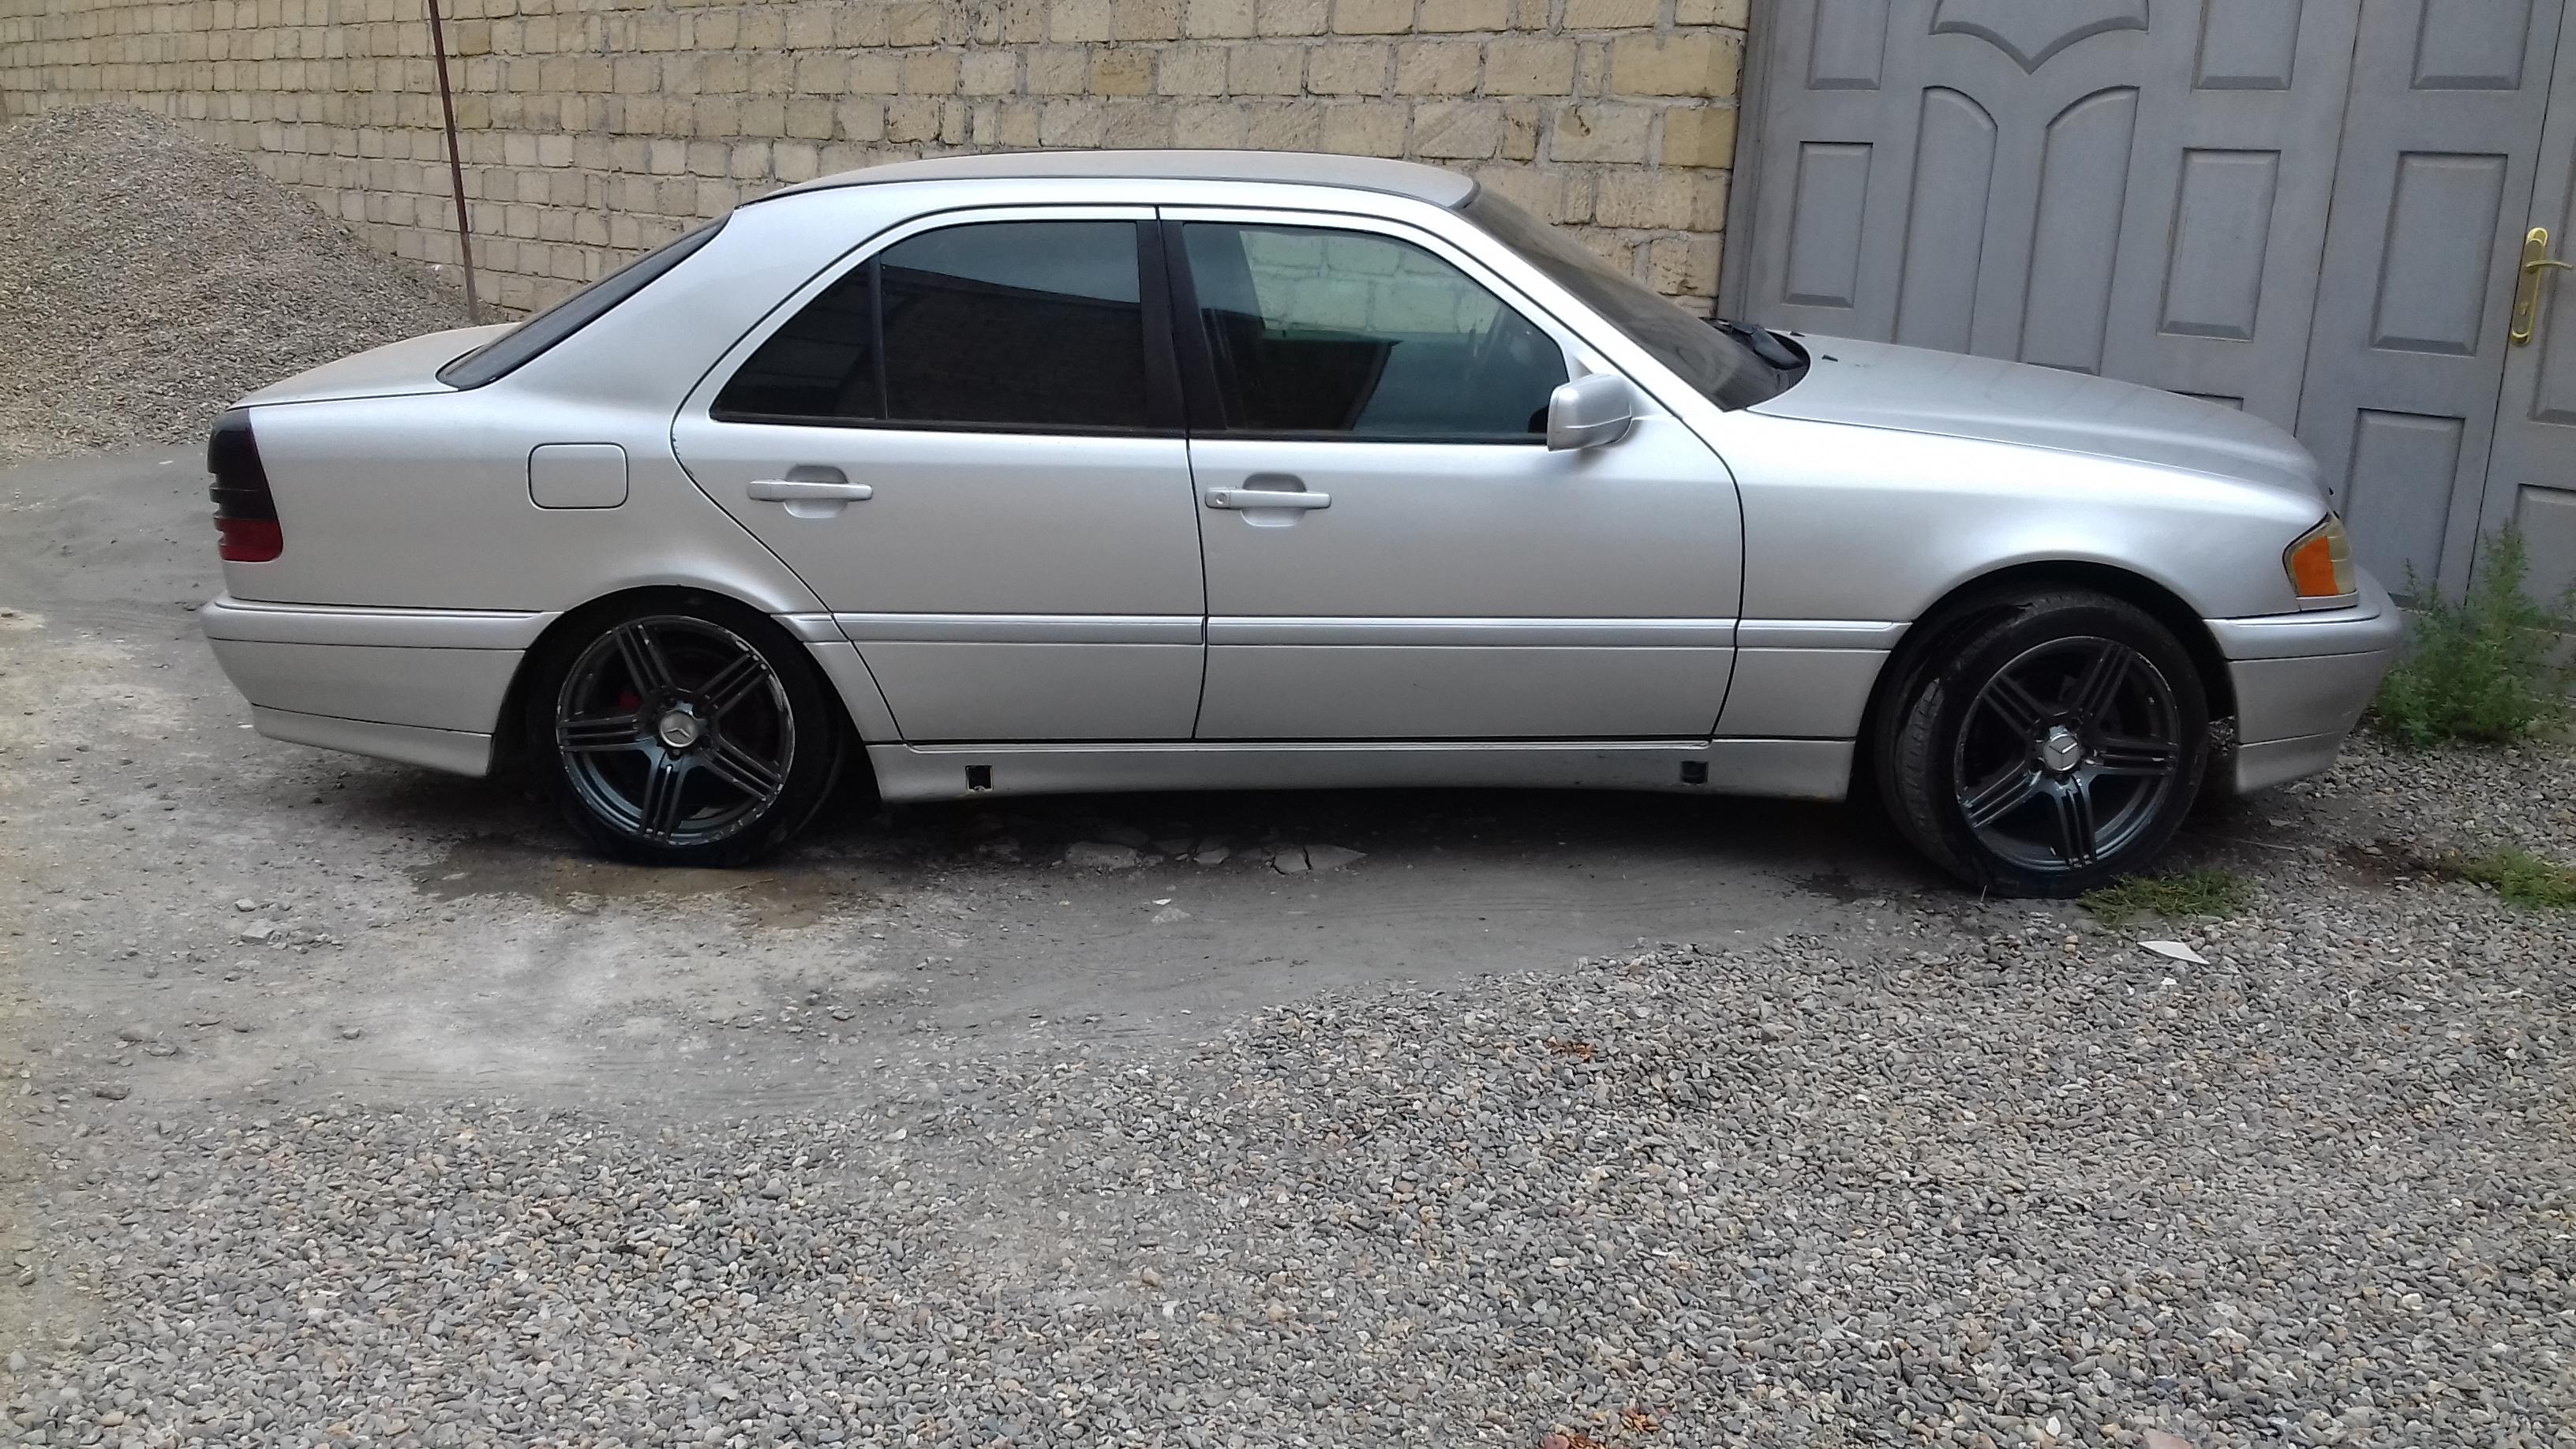 Mercedes-Benz C 180 1.8(lt) 1996 Подержанный  $7200